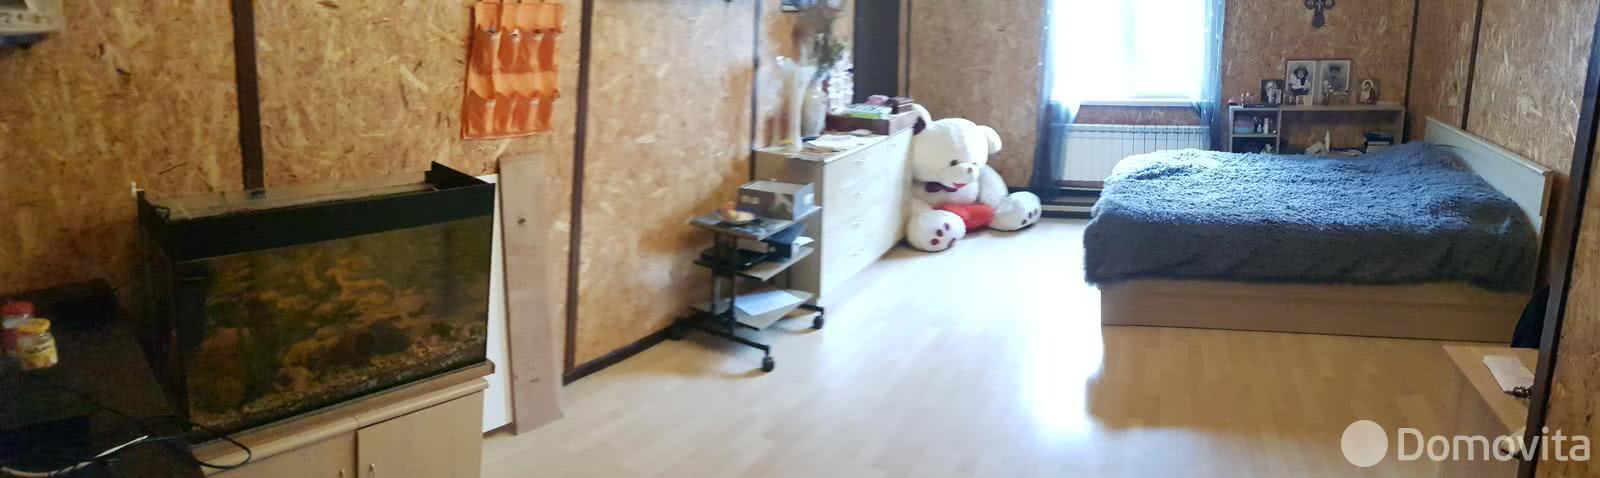 Аренда 2-этажного коттеджа в Минске, Центральный район, ул. Новаторская - фото 2